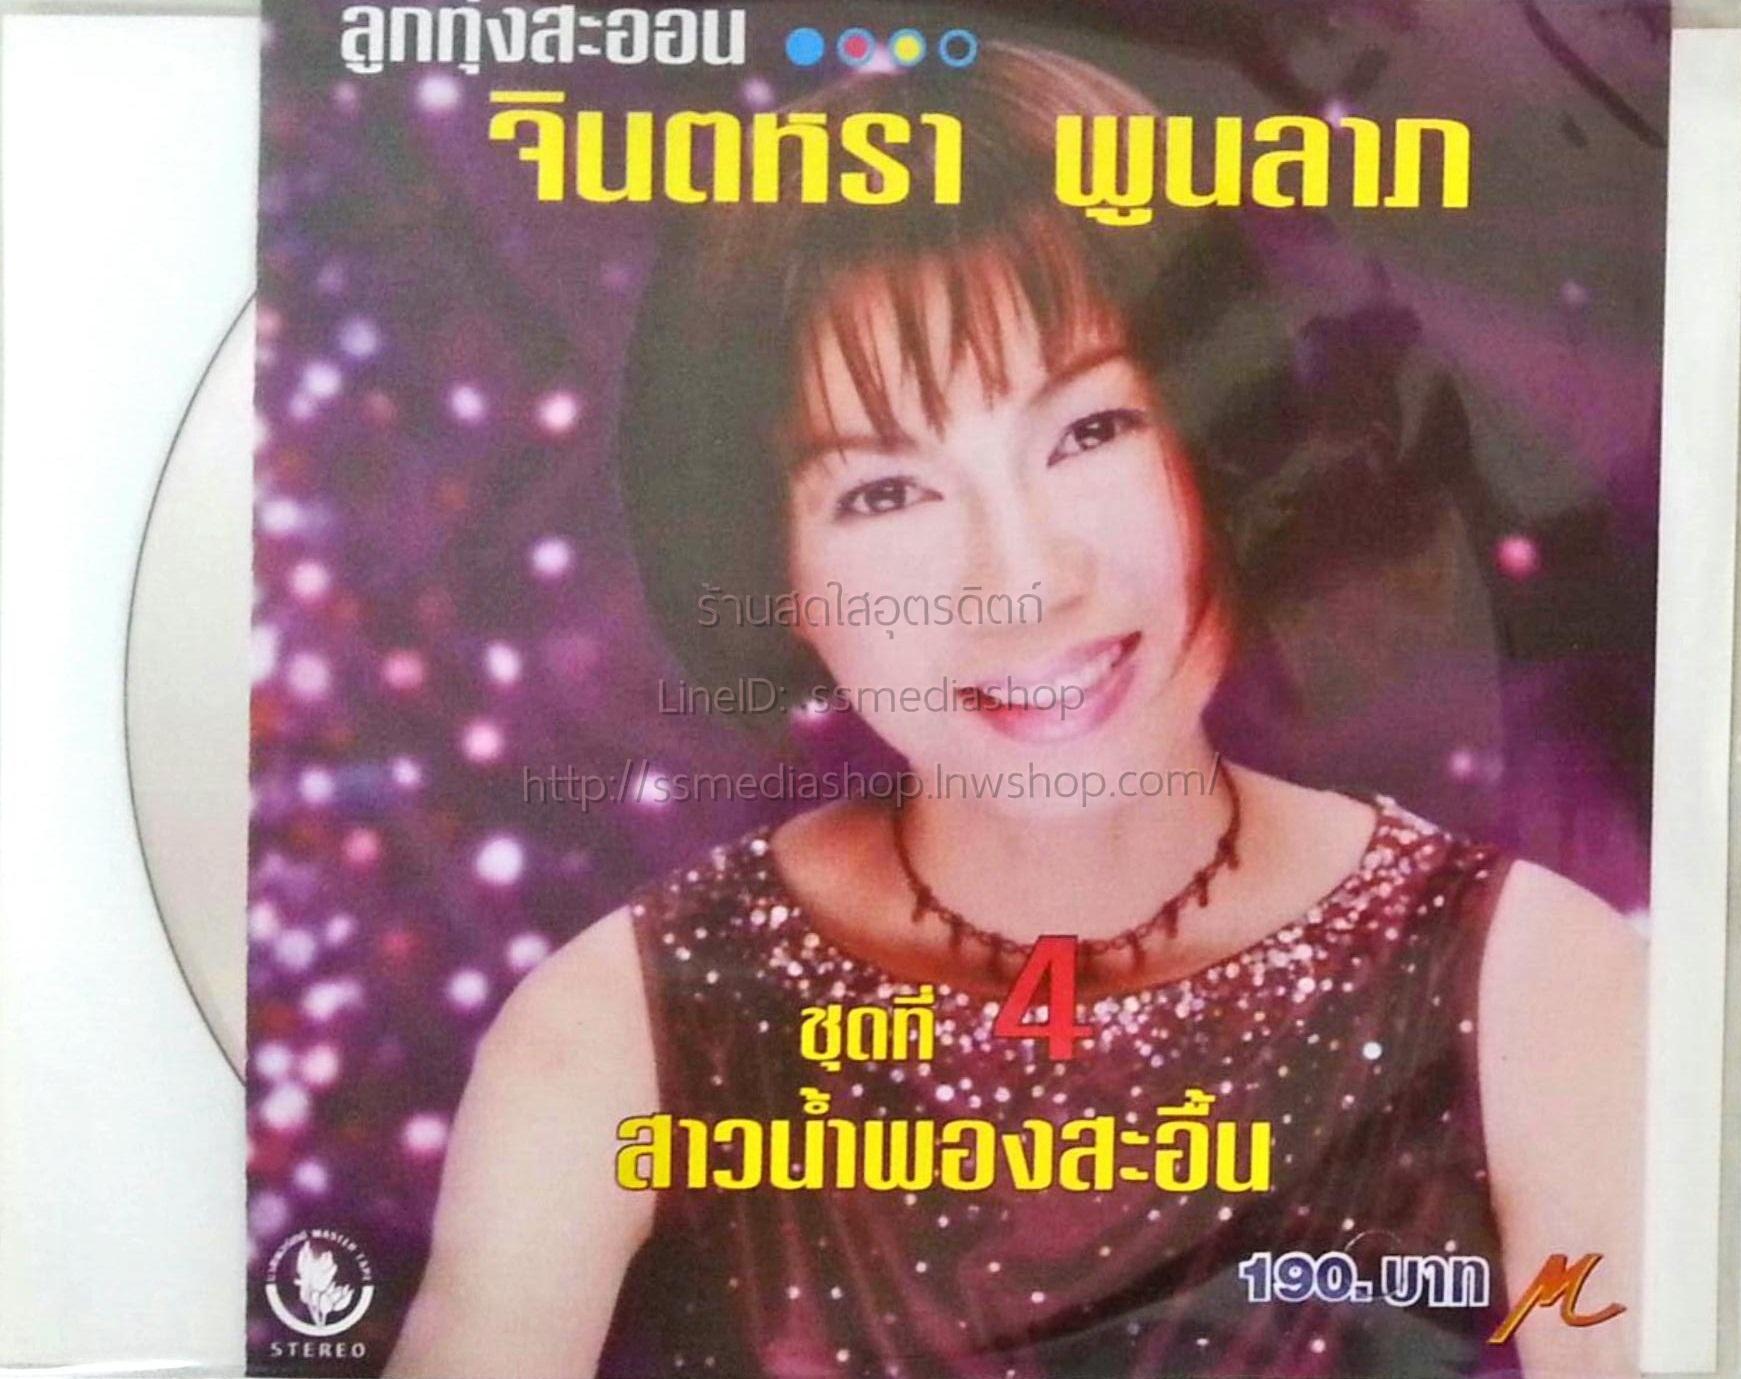 CD จินตหรา พูนลาภ ลูกทุ่งสะออน ชุด4 สาวน้ำพองสะอื้น